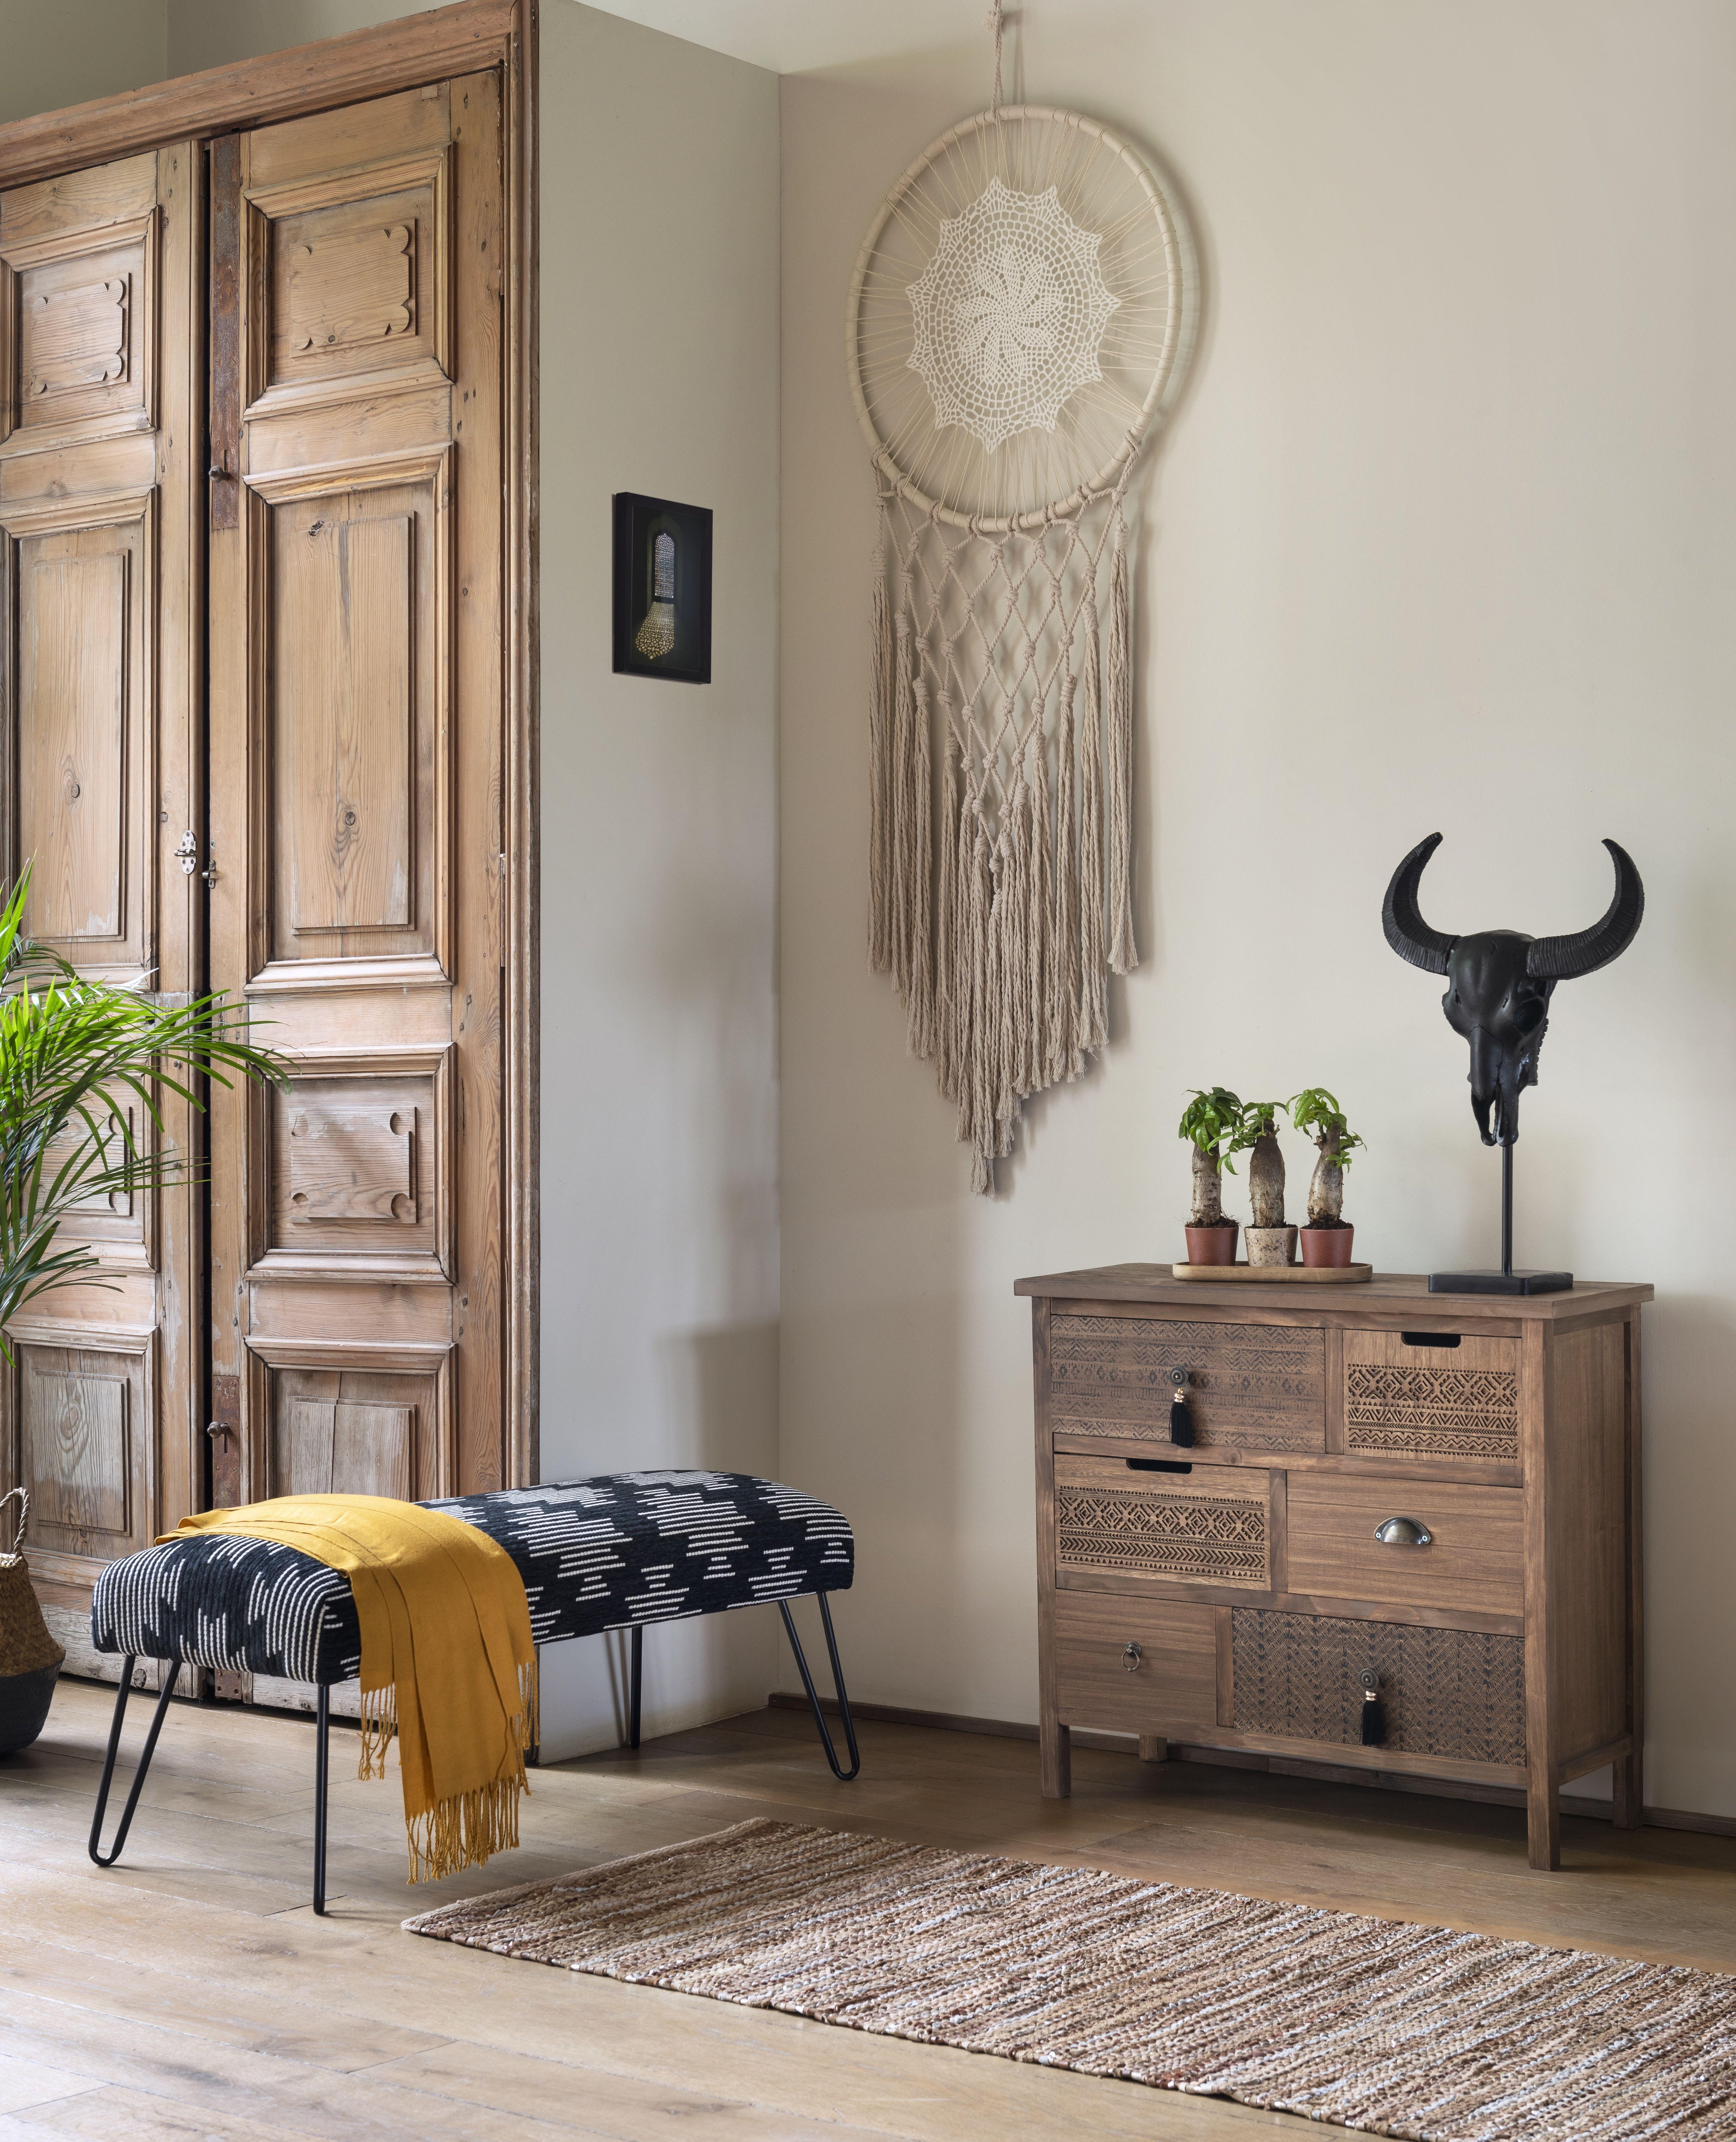 Soldes 2020 Commode Et Meuble De Rangement Pas Cher Gifi Decoration Murale Parement Mural Meuble Rangement